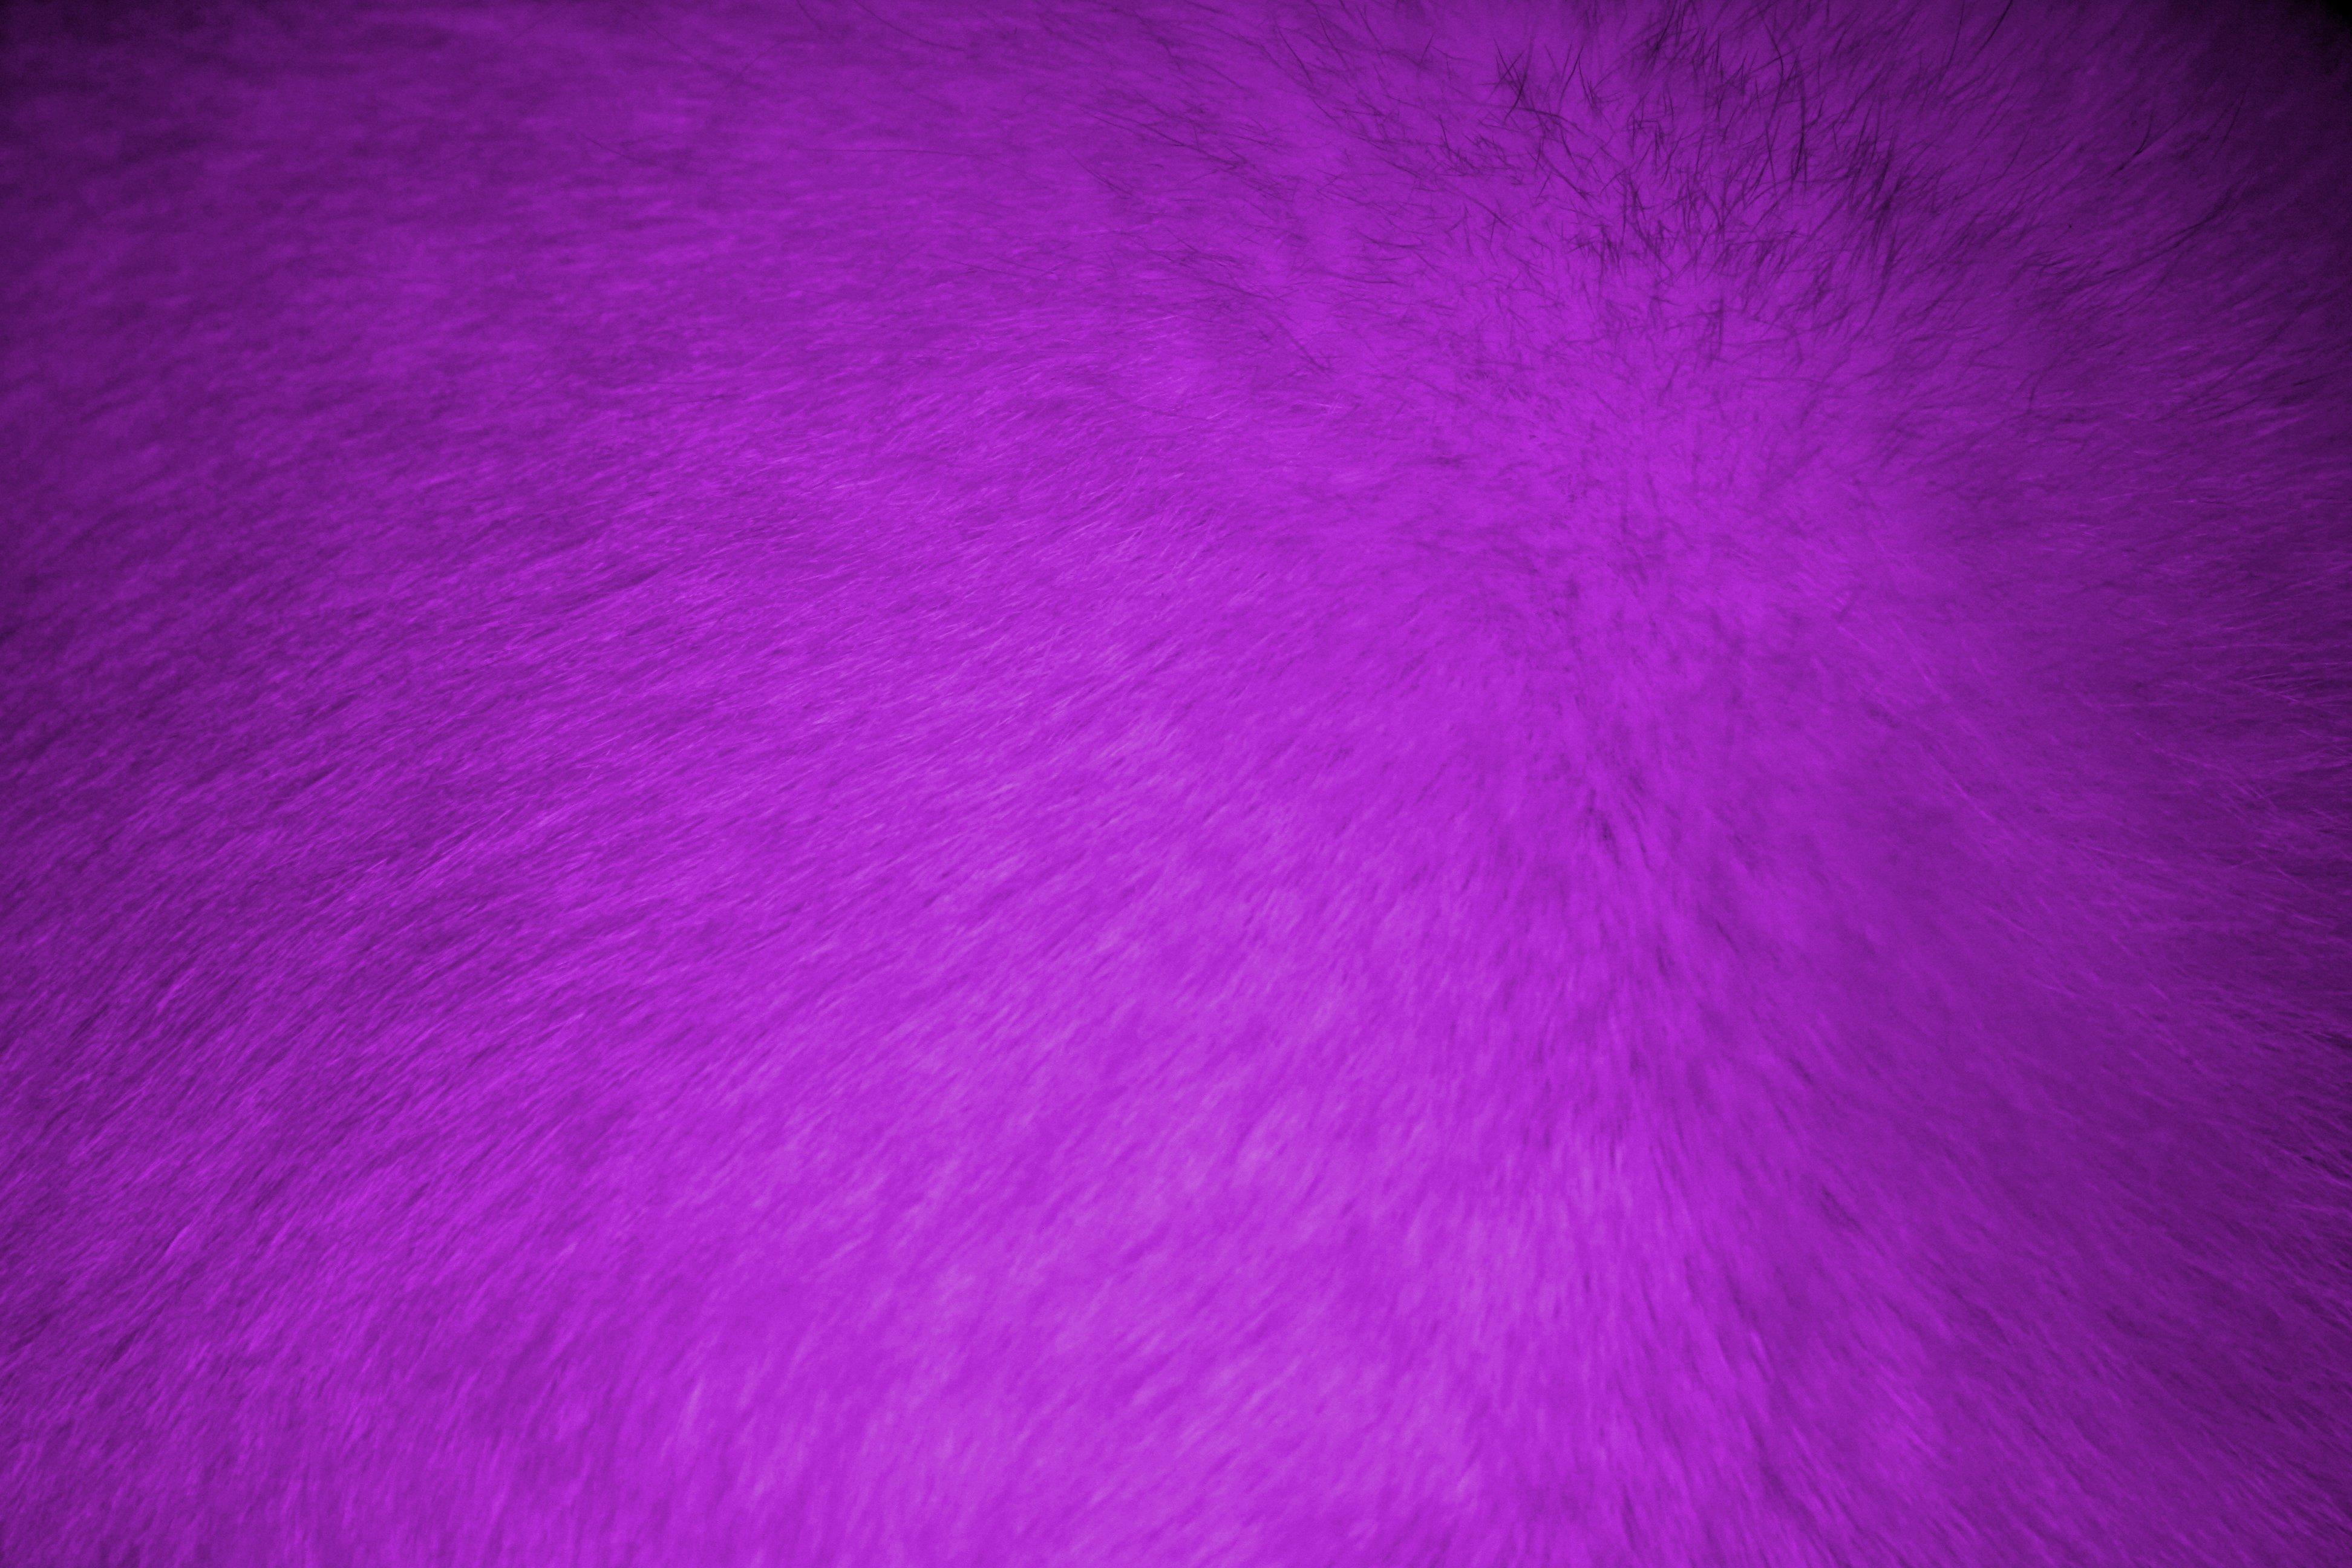 Purple Fur Texture Picture Free Photograph Photos